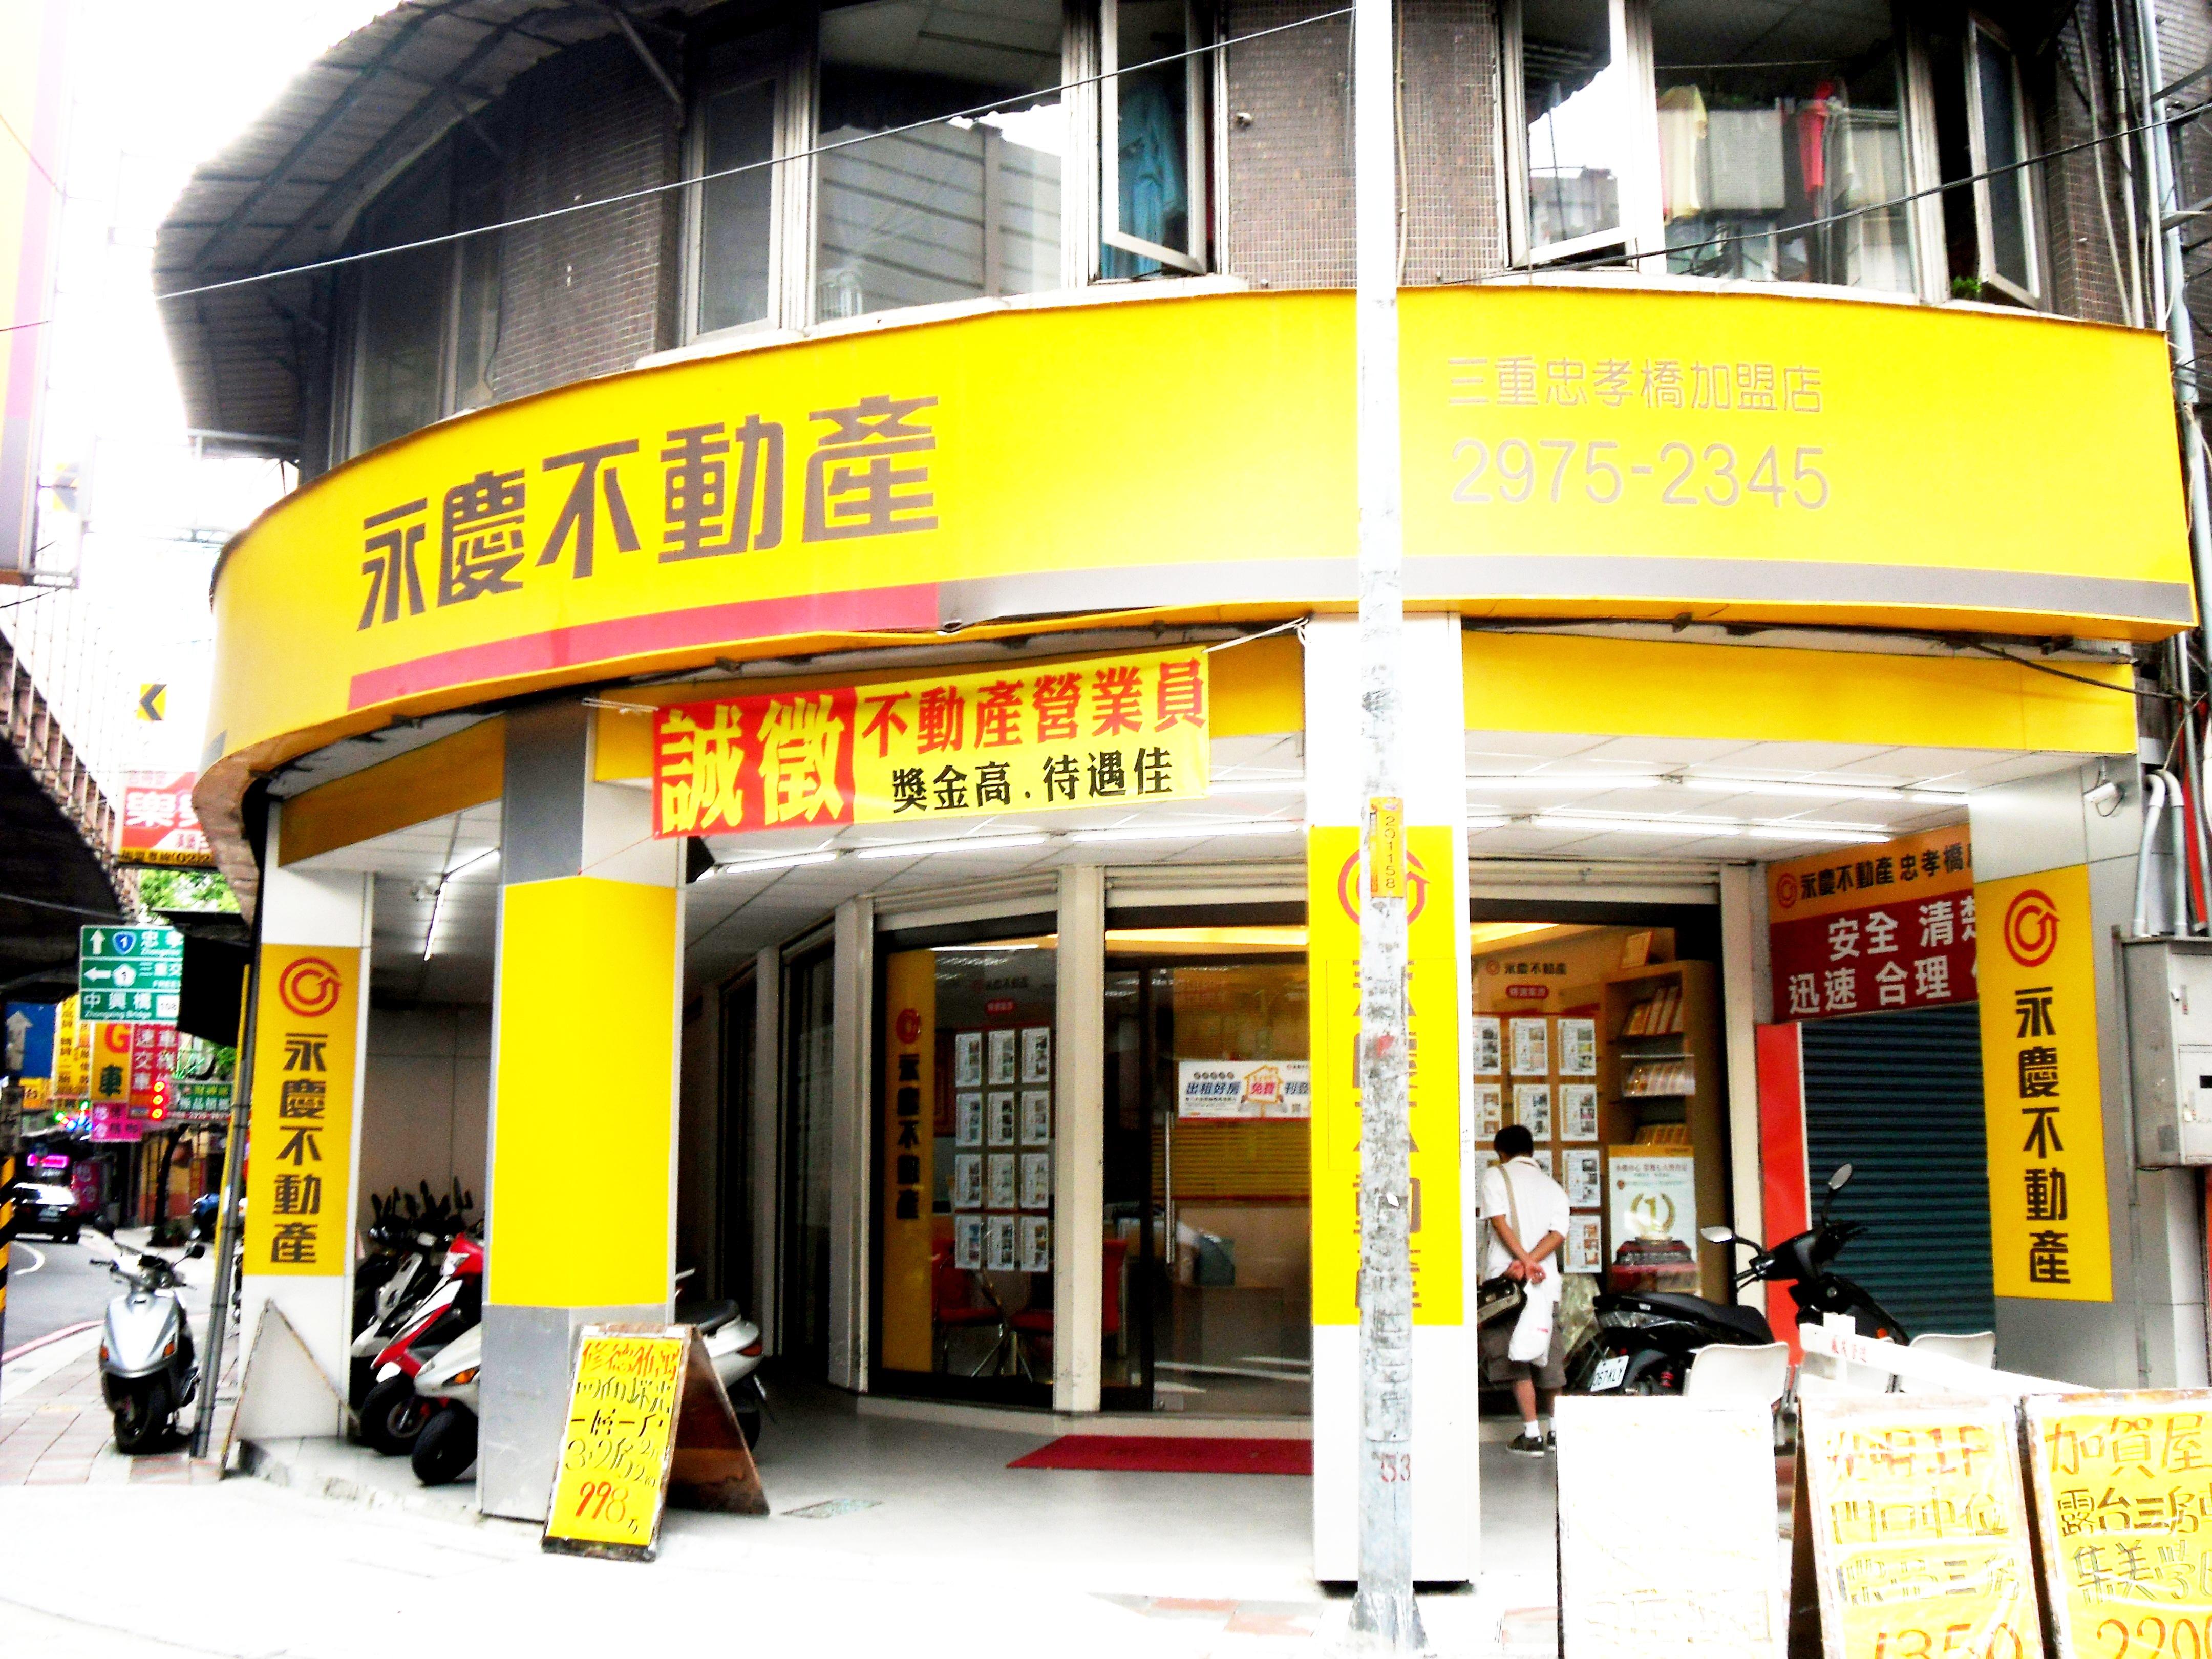 永慶不動產 - 三重忠孝橋加盟店